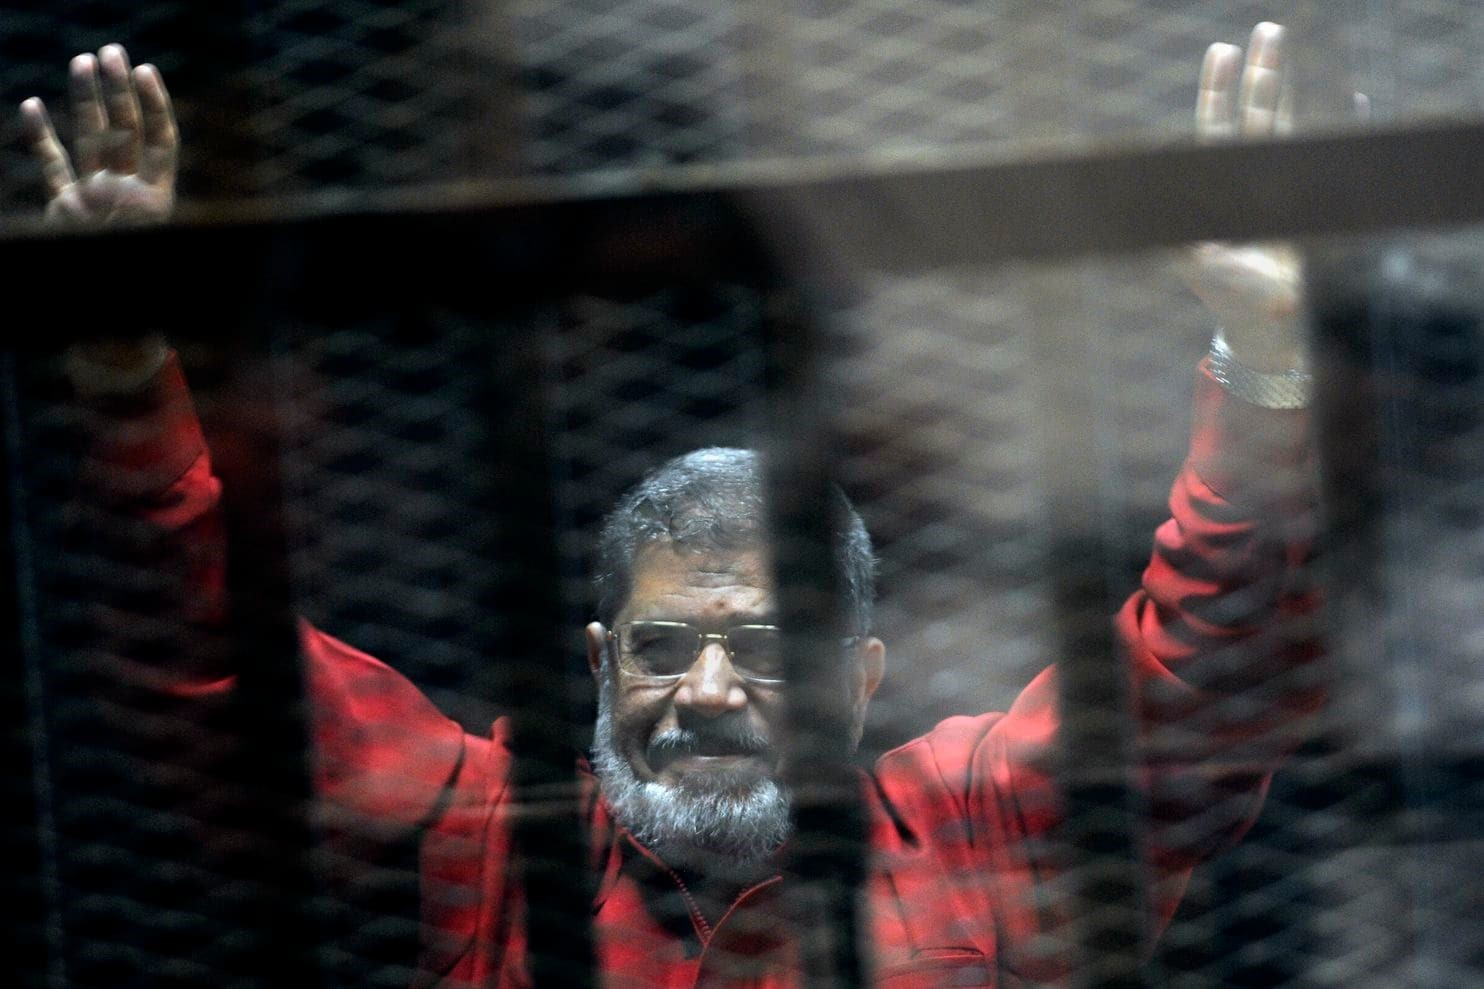 Egjipt, shpallet gjendje e jashtëzakonshme pas vdekjes së Morsit